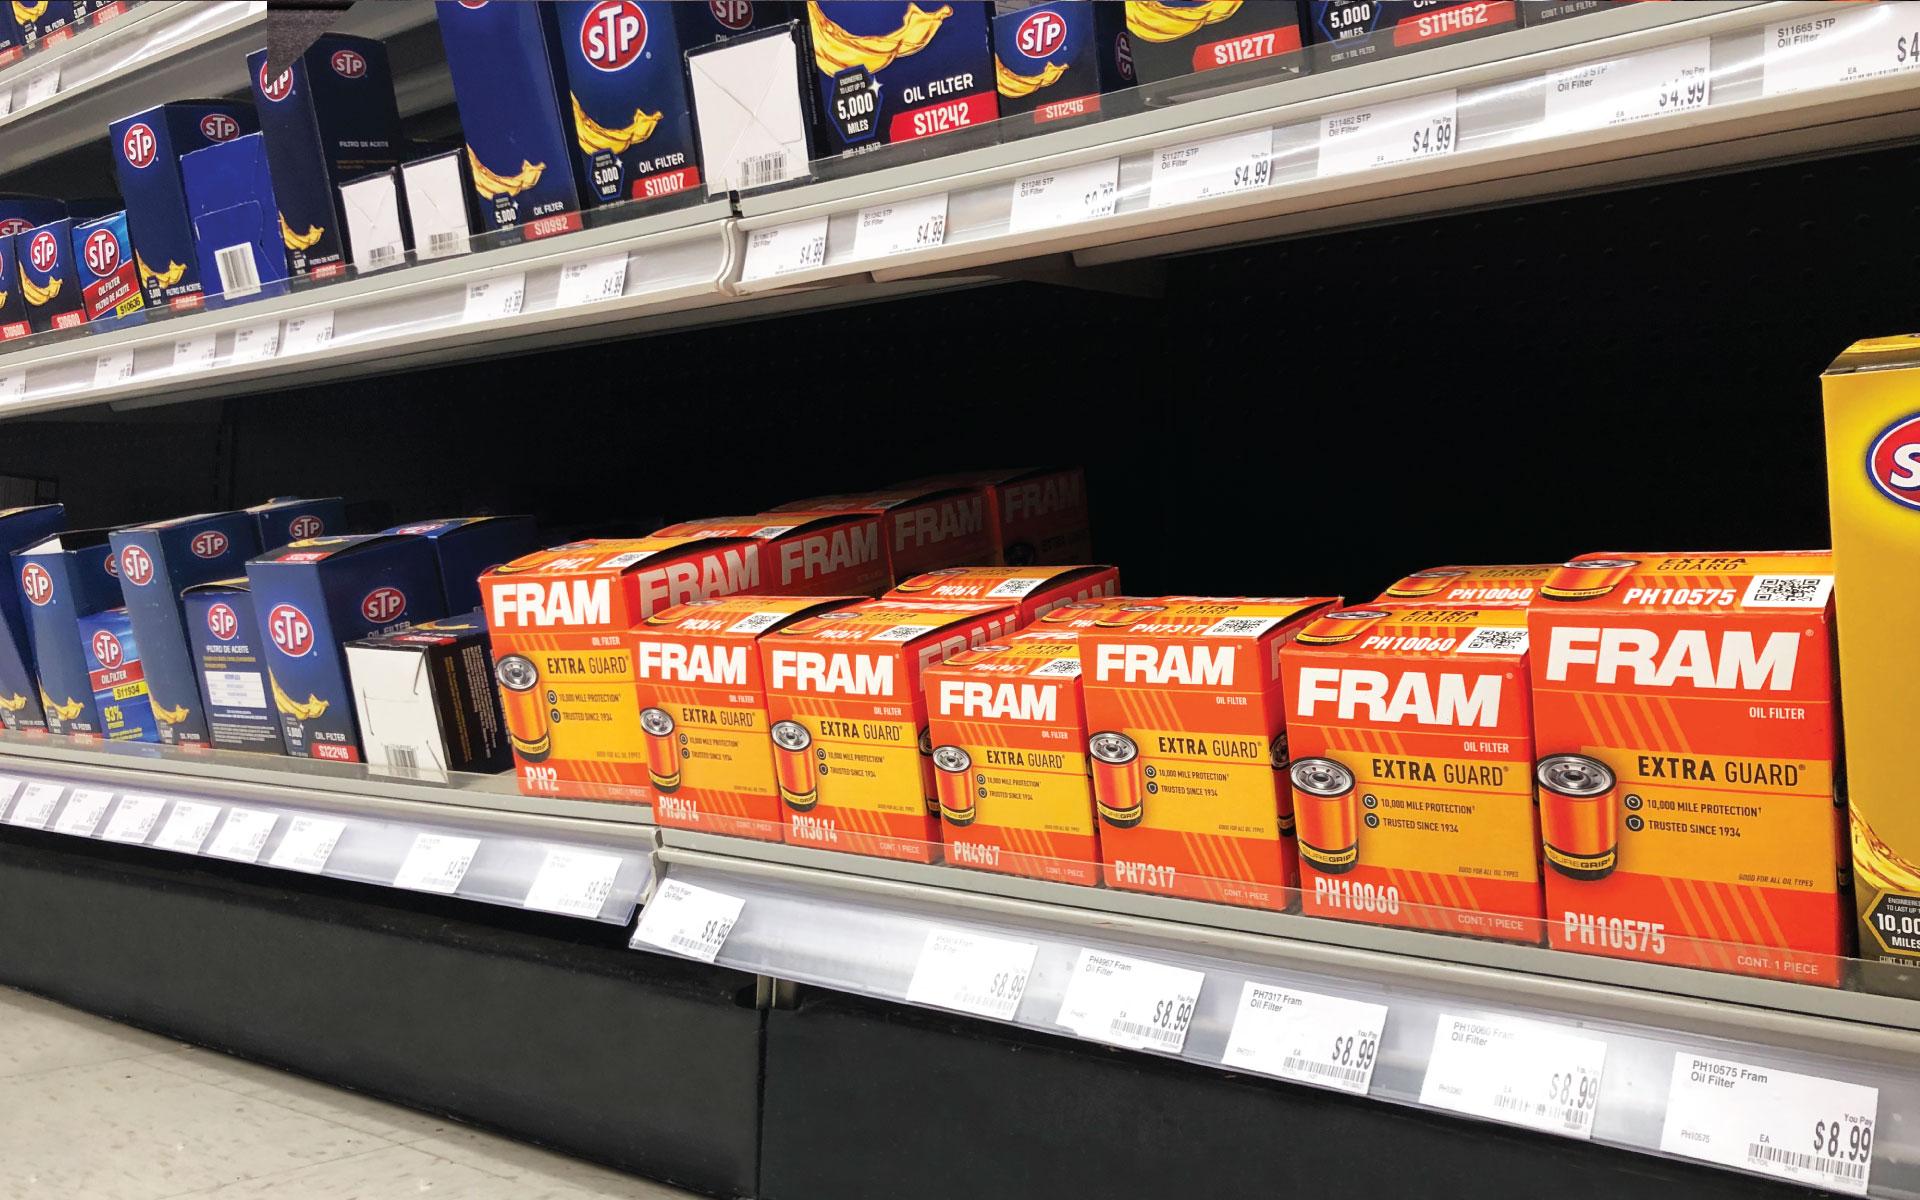 FRAM - In Store